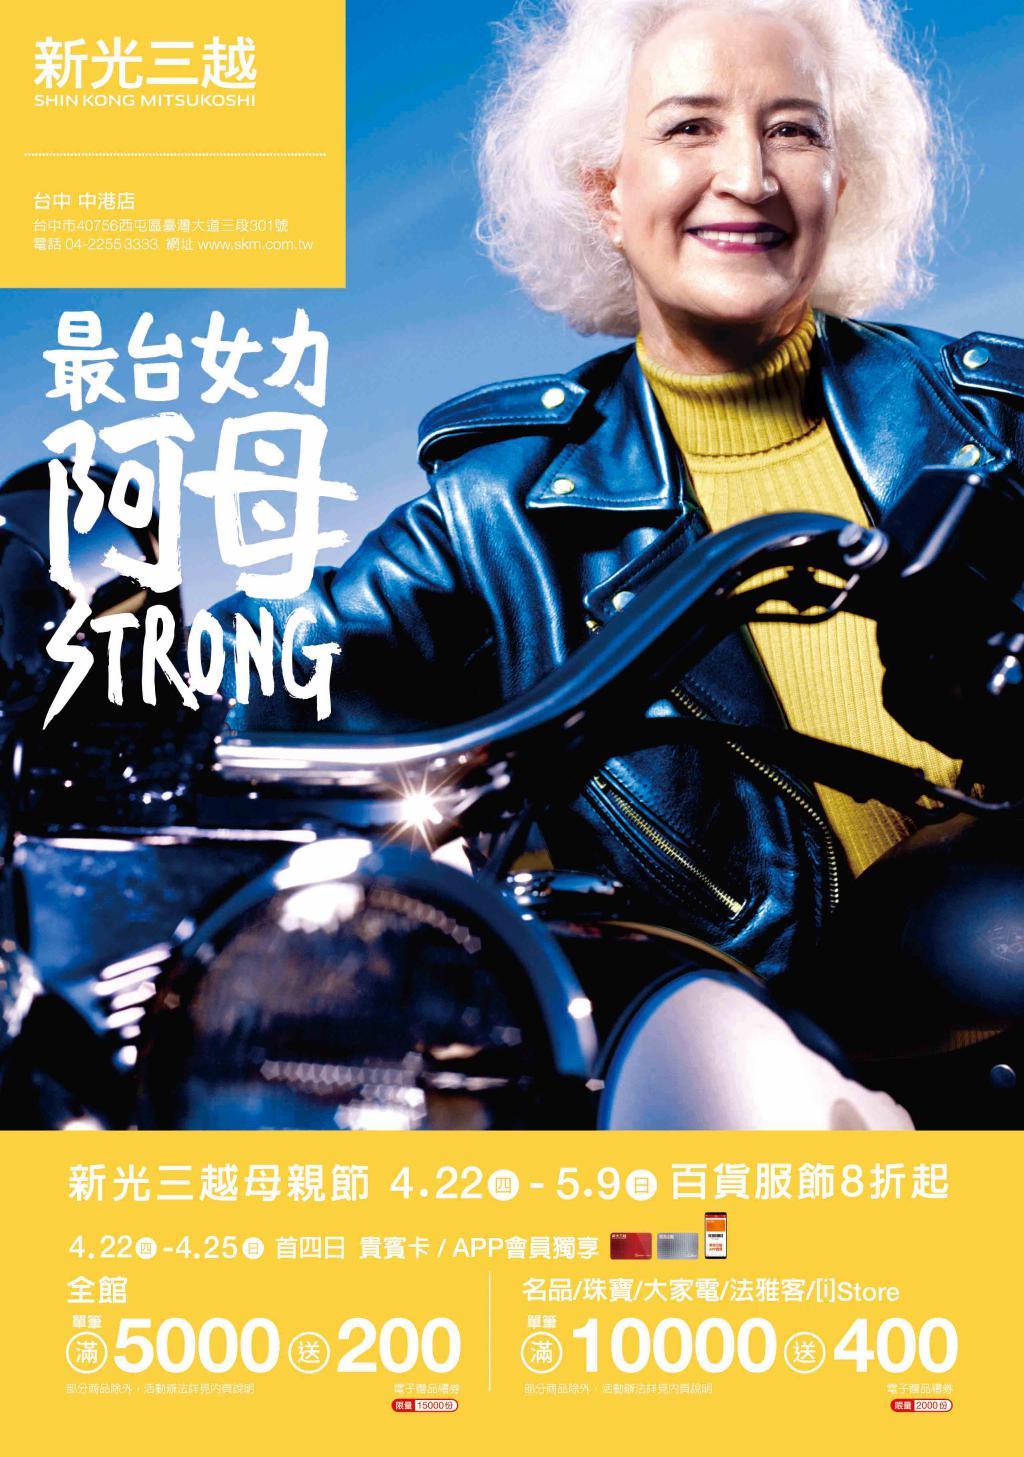 新光三越《台中中港店》DM 2021母親節【2021/5/9 止】